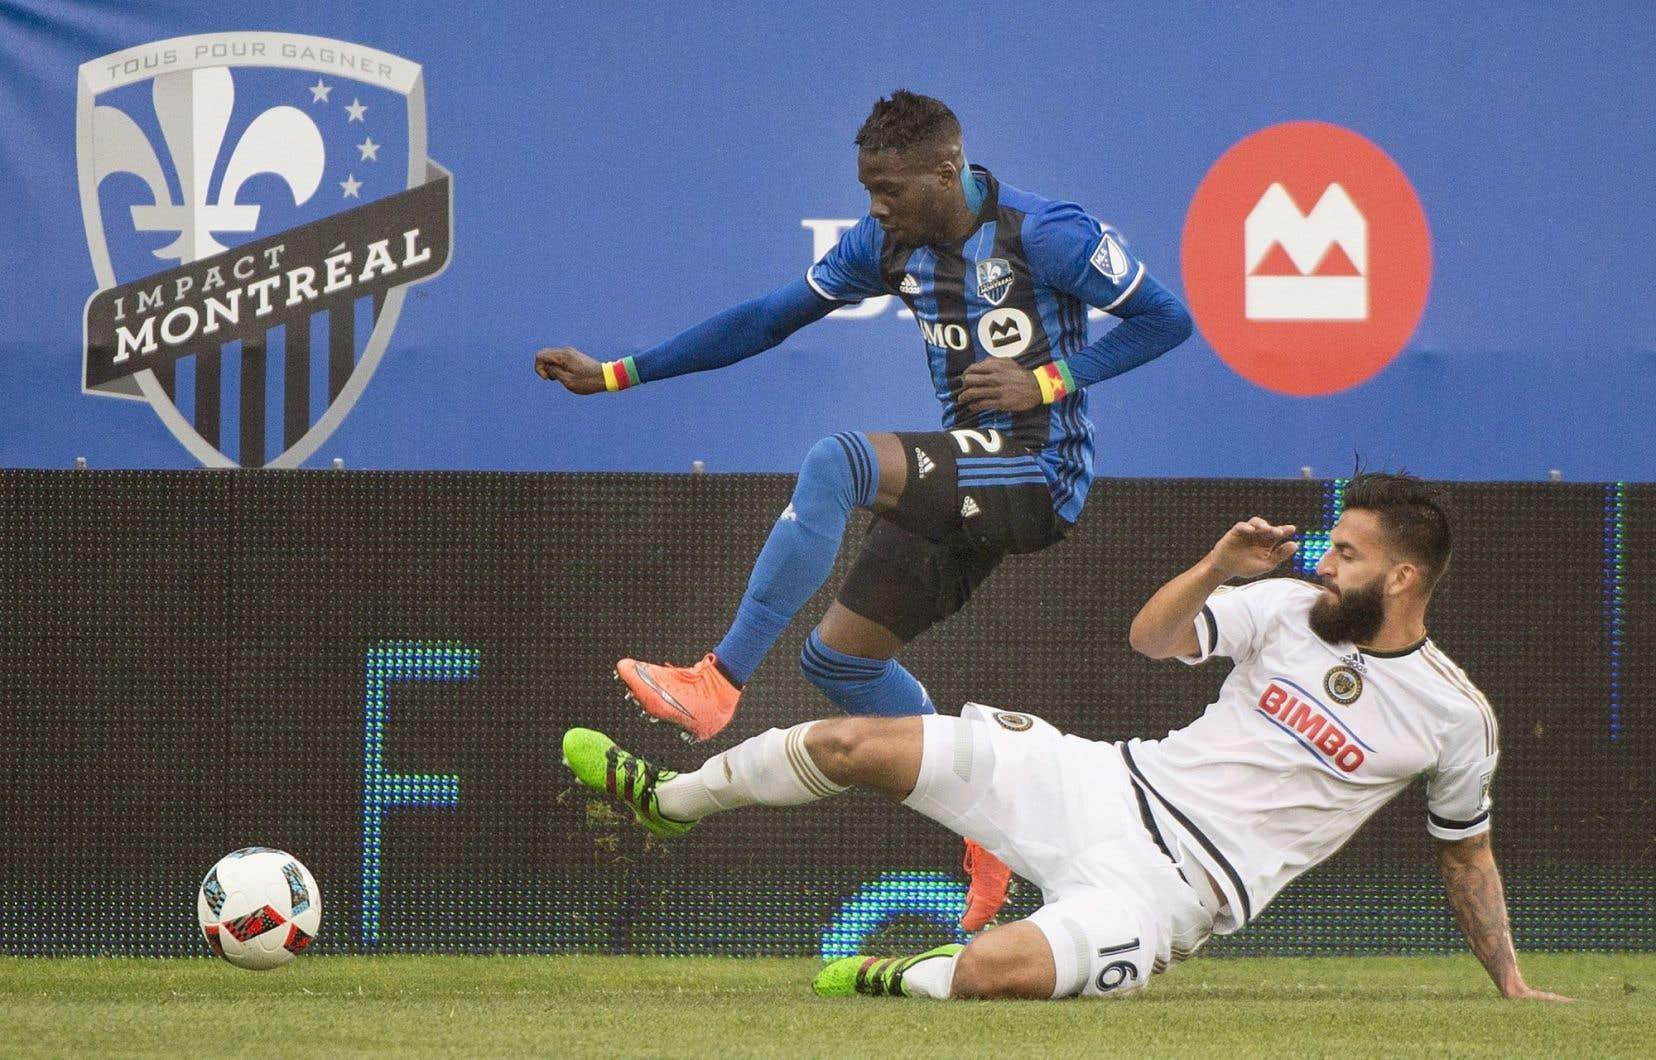 Ambroise Oyongo de l'Impact de Montréal lors du dernier affrontement de l'équipe, contre l'équipe de Philadelphie